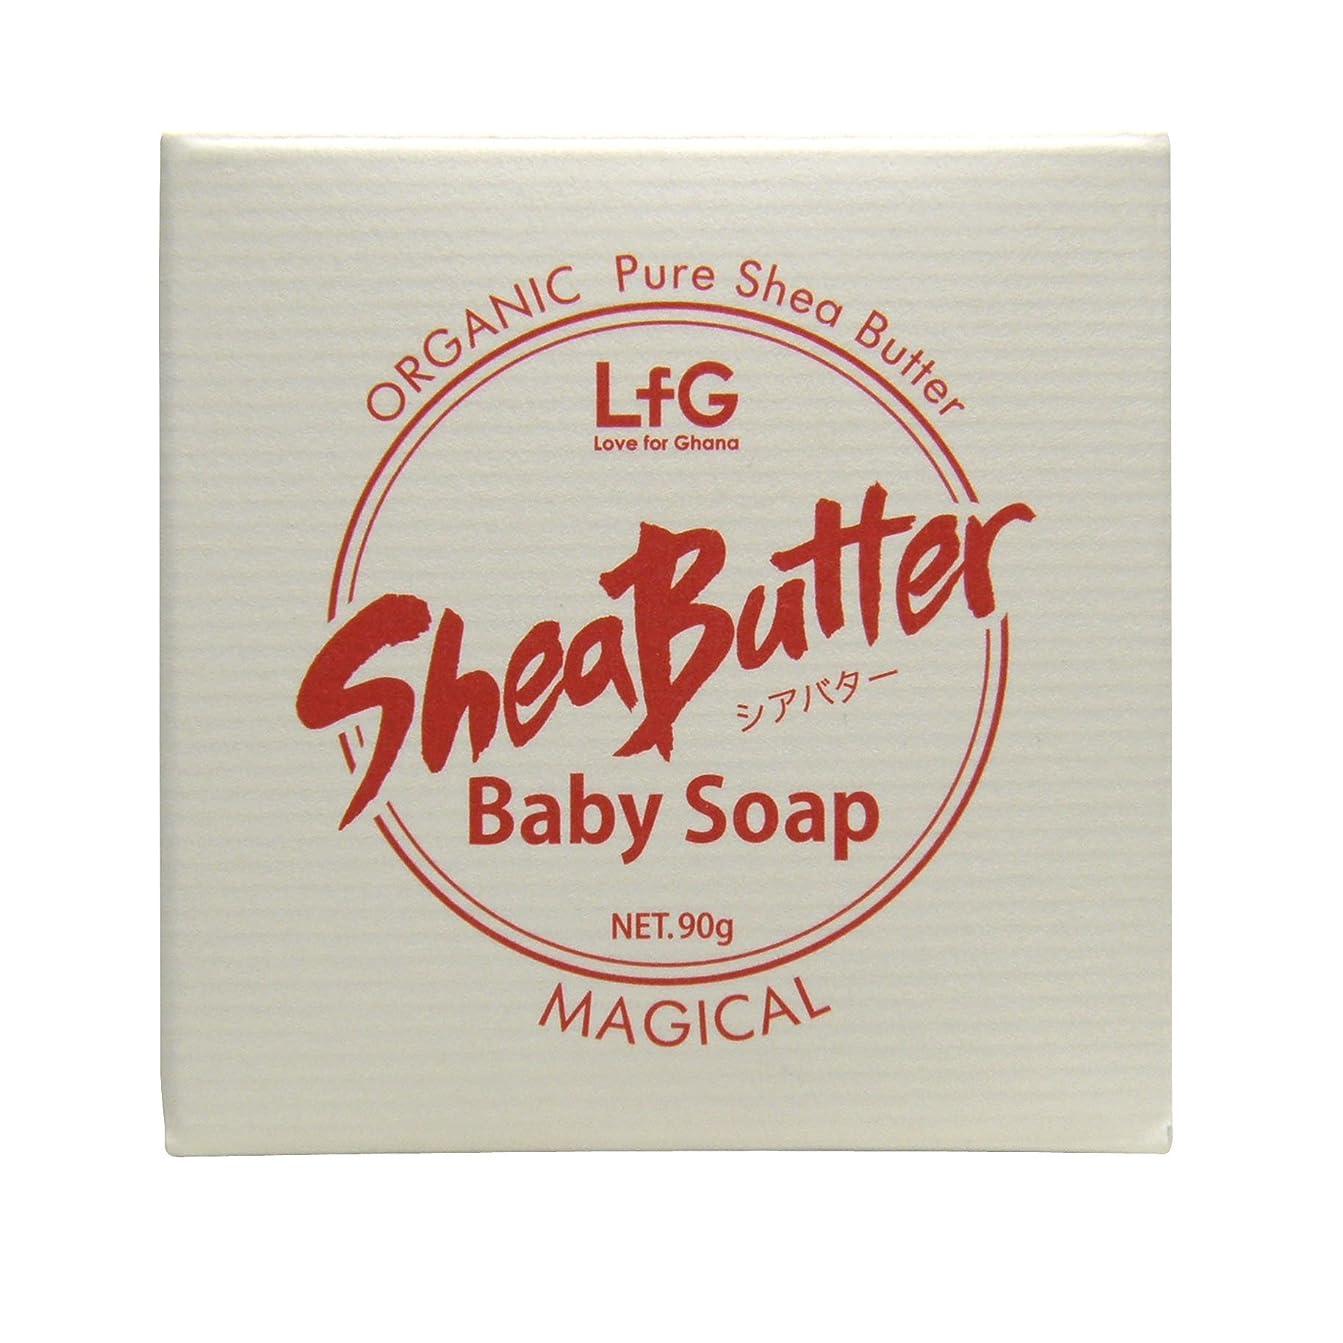 判読できない枠素朴なマジカル シアバターベビーソープ 保湿石鹸 90g